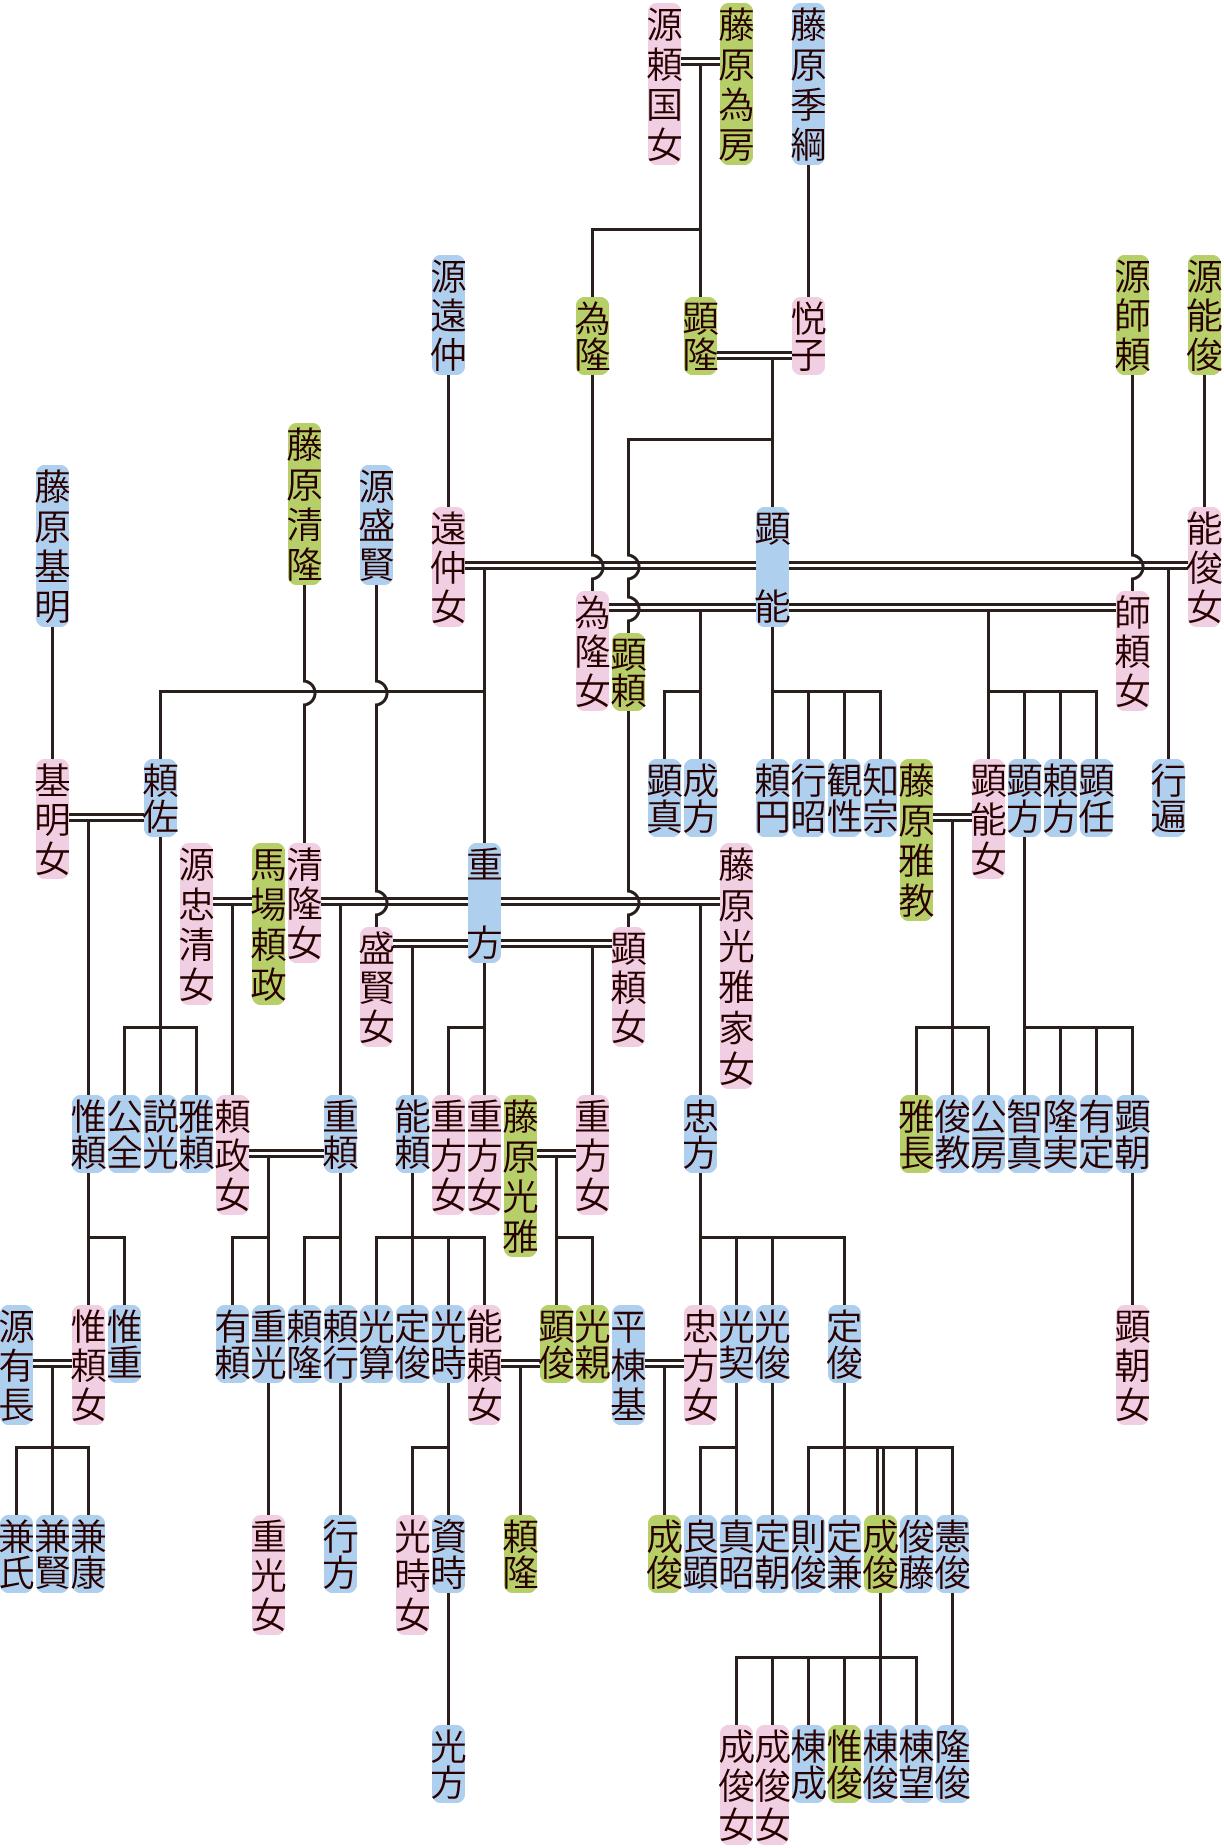 藤原顕能の系図